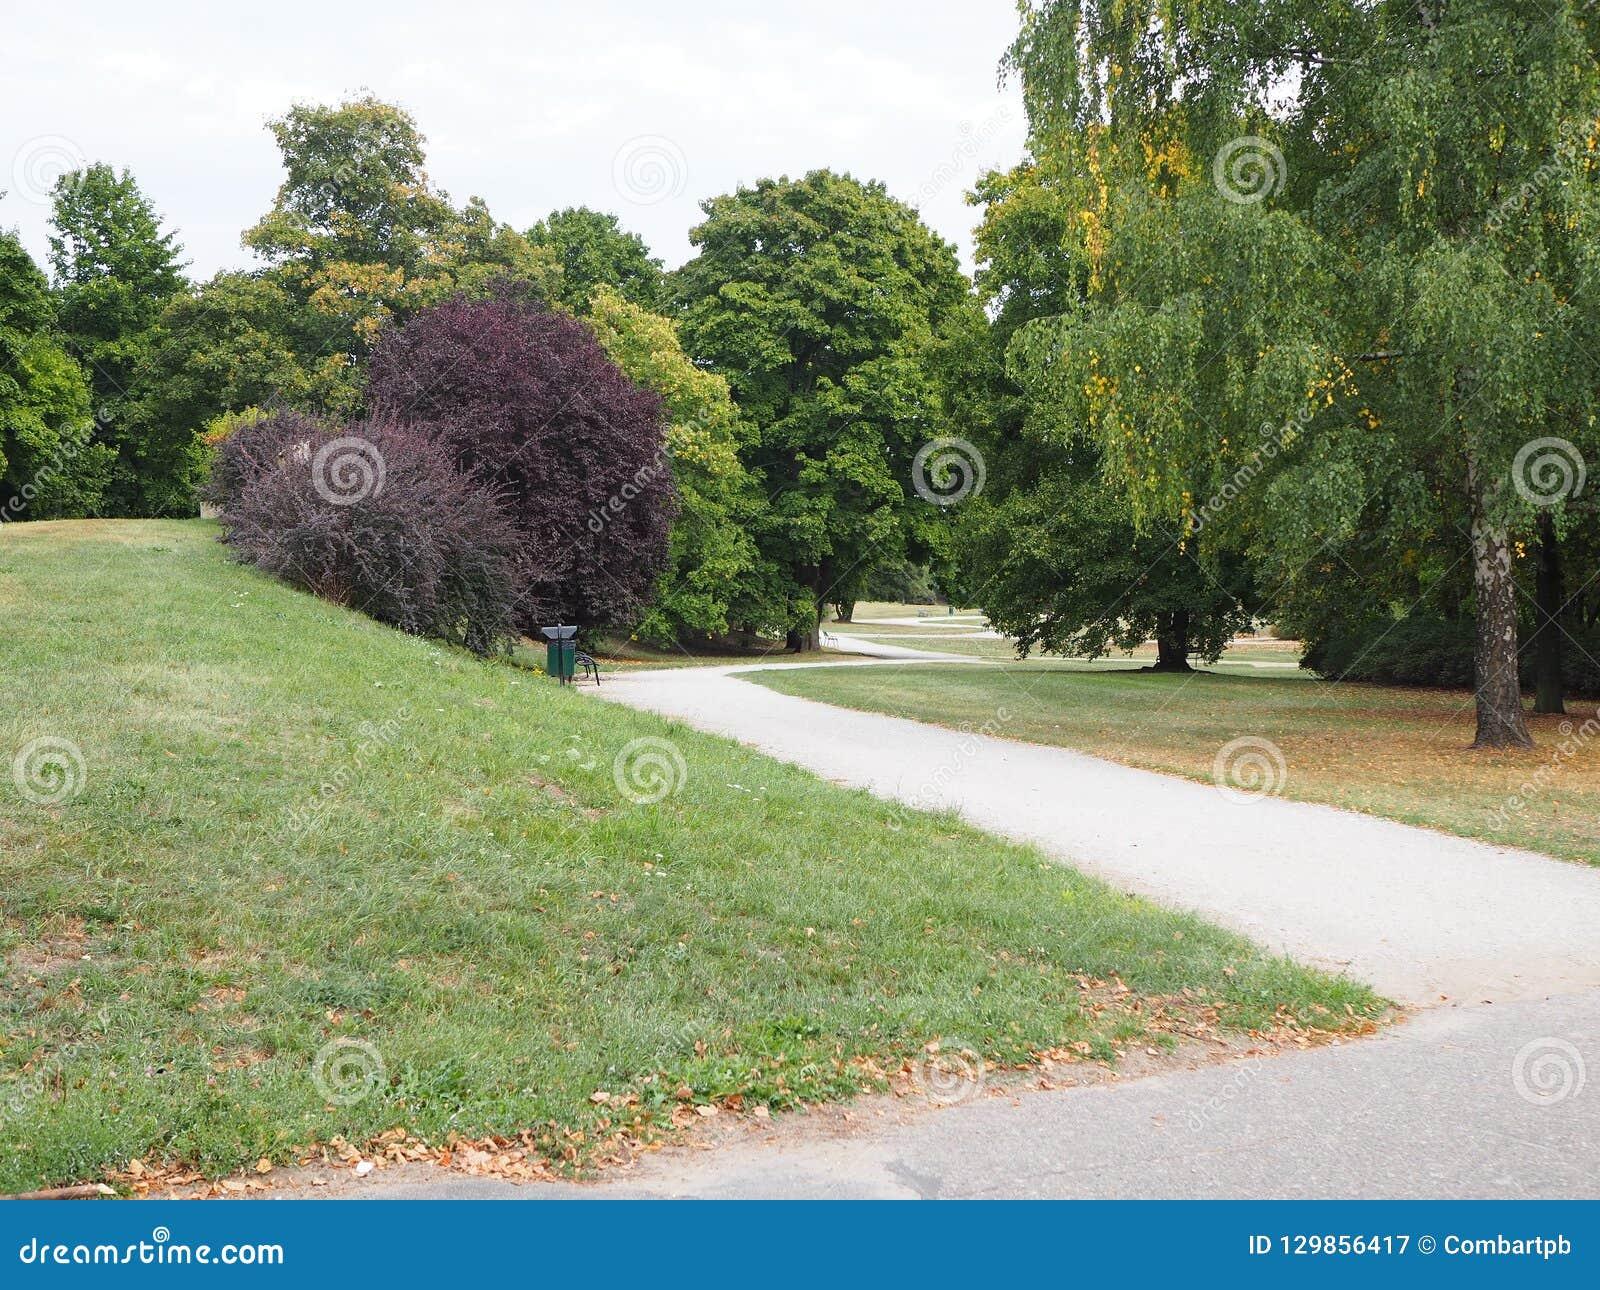 Trayectoria en un parque, lugar vacío